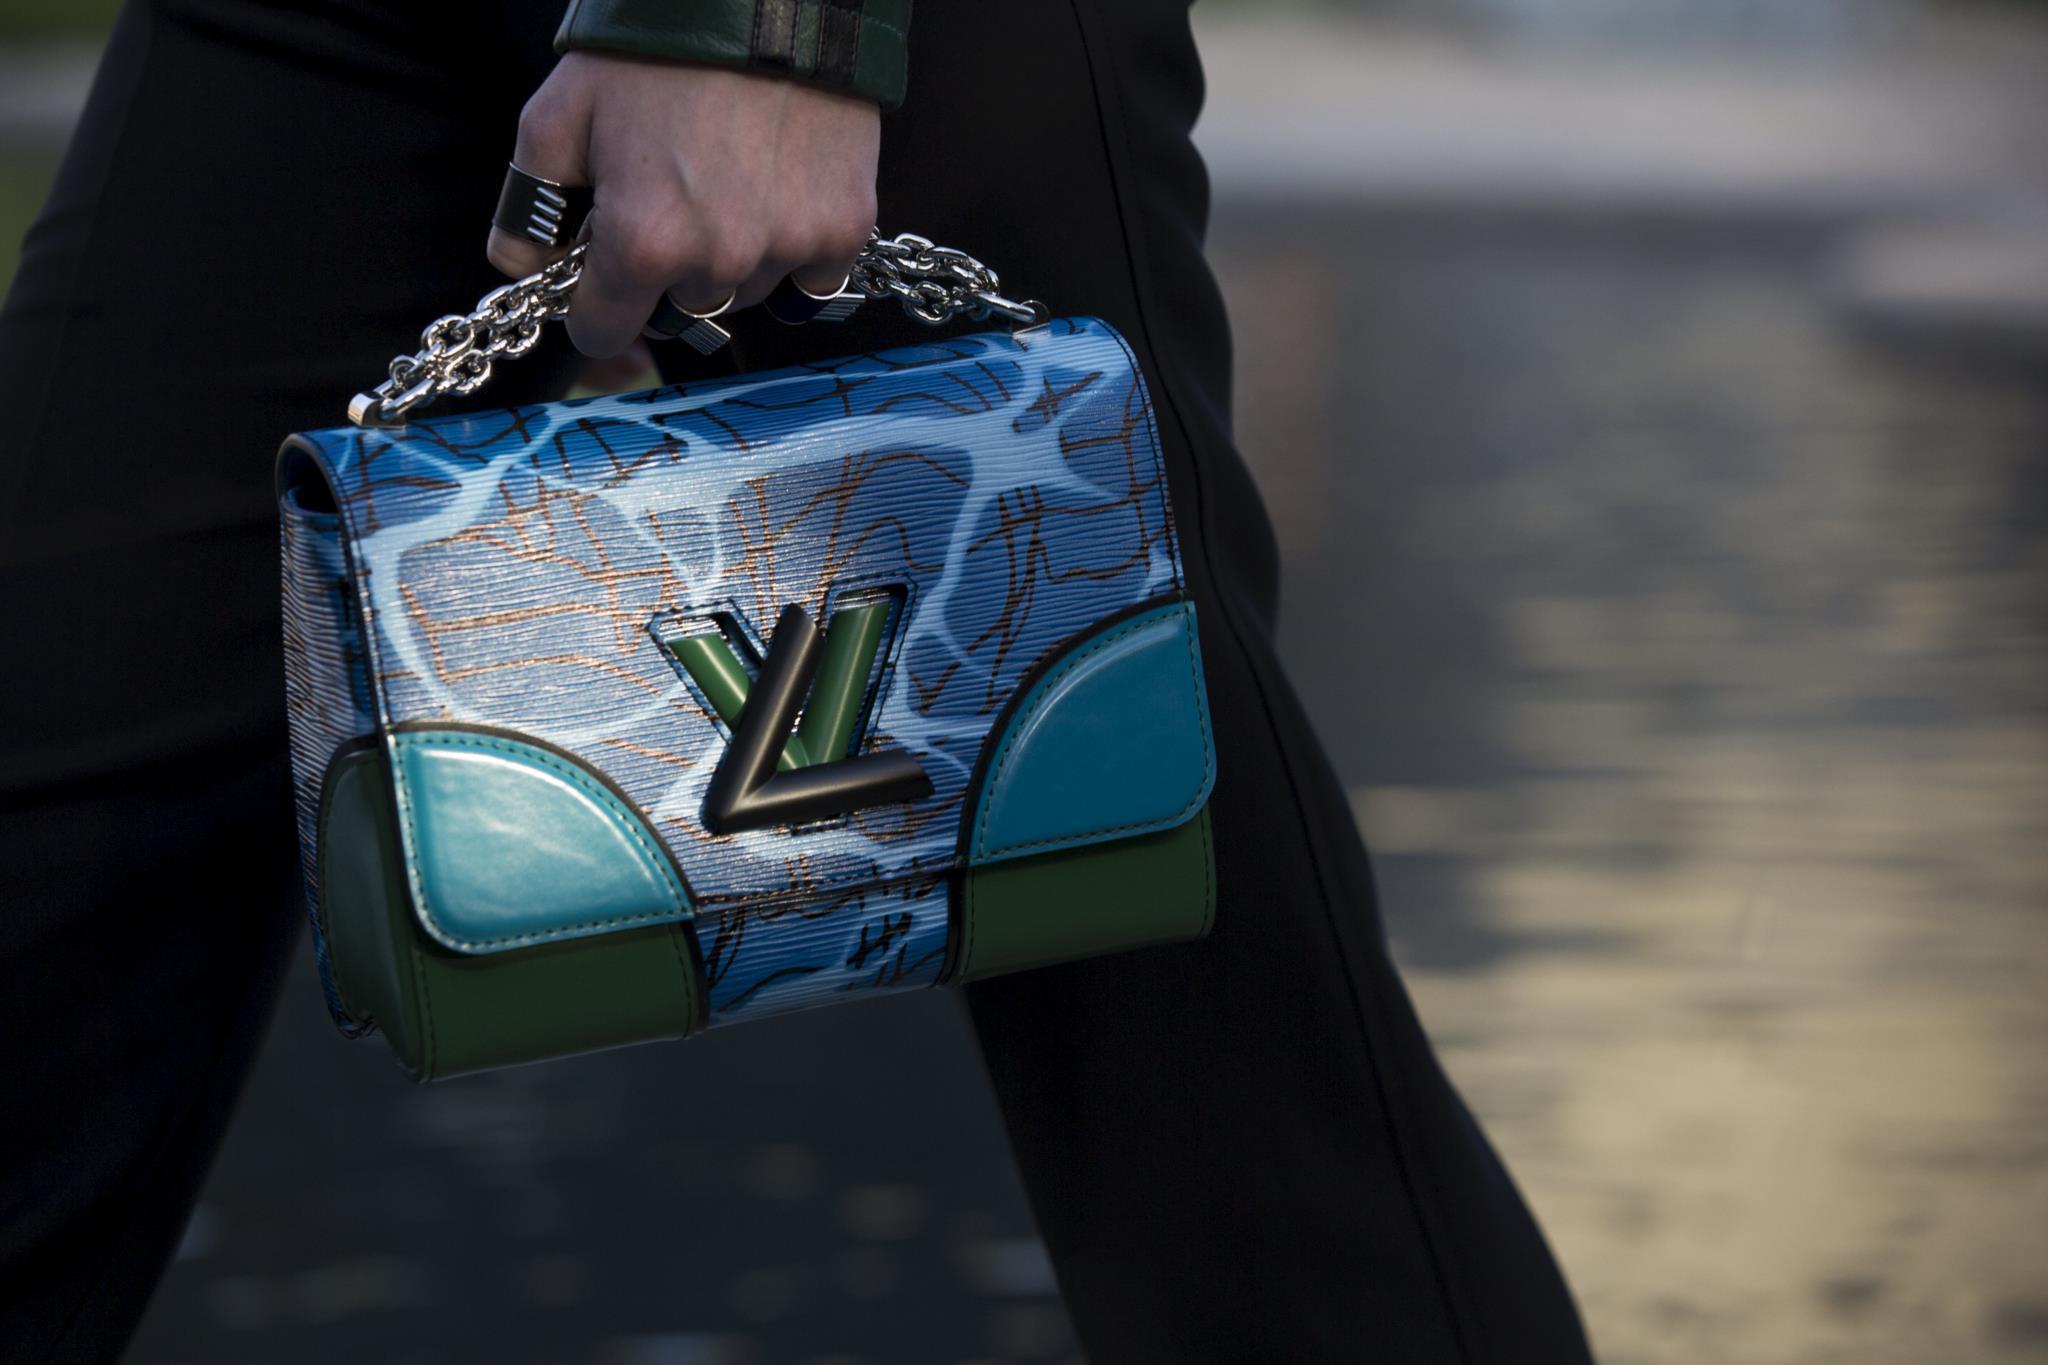 PÚBLICO - PETA compra acções da Louis Vuitton para a doutrinar sobre uso de peles